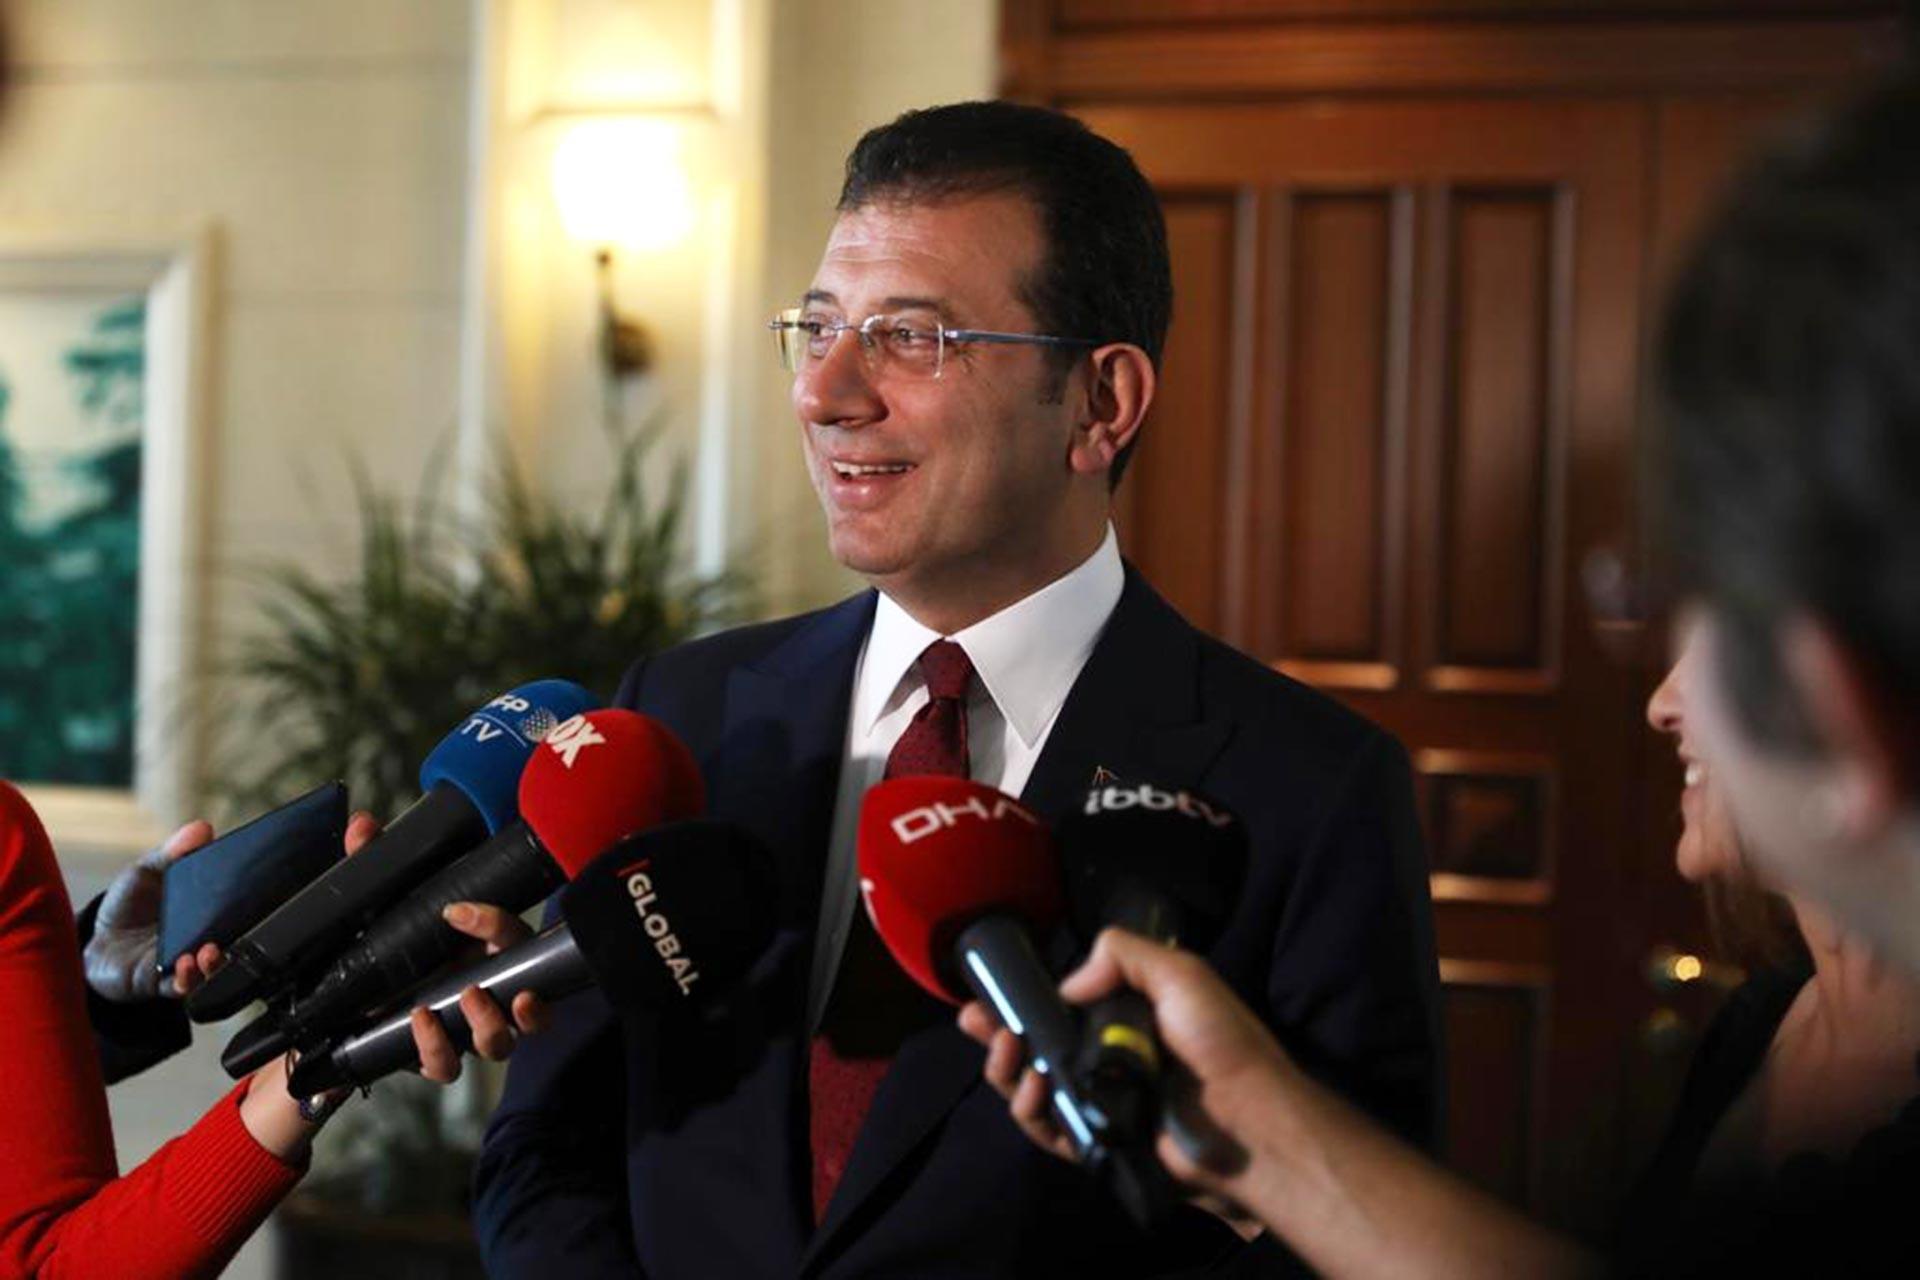 İBB Başkanı Ekrem İmamoğlu, gazetecilerin sorularını yanıtlarken